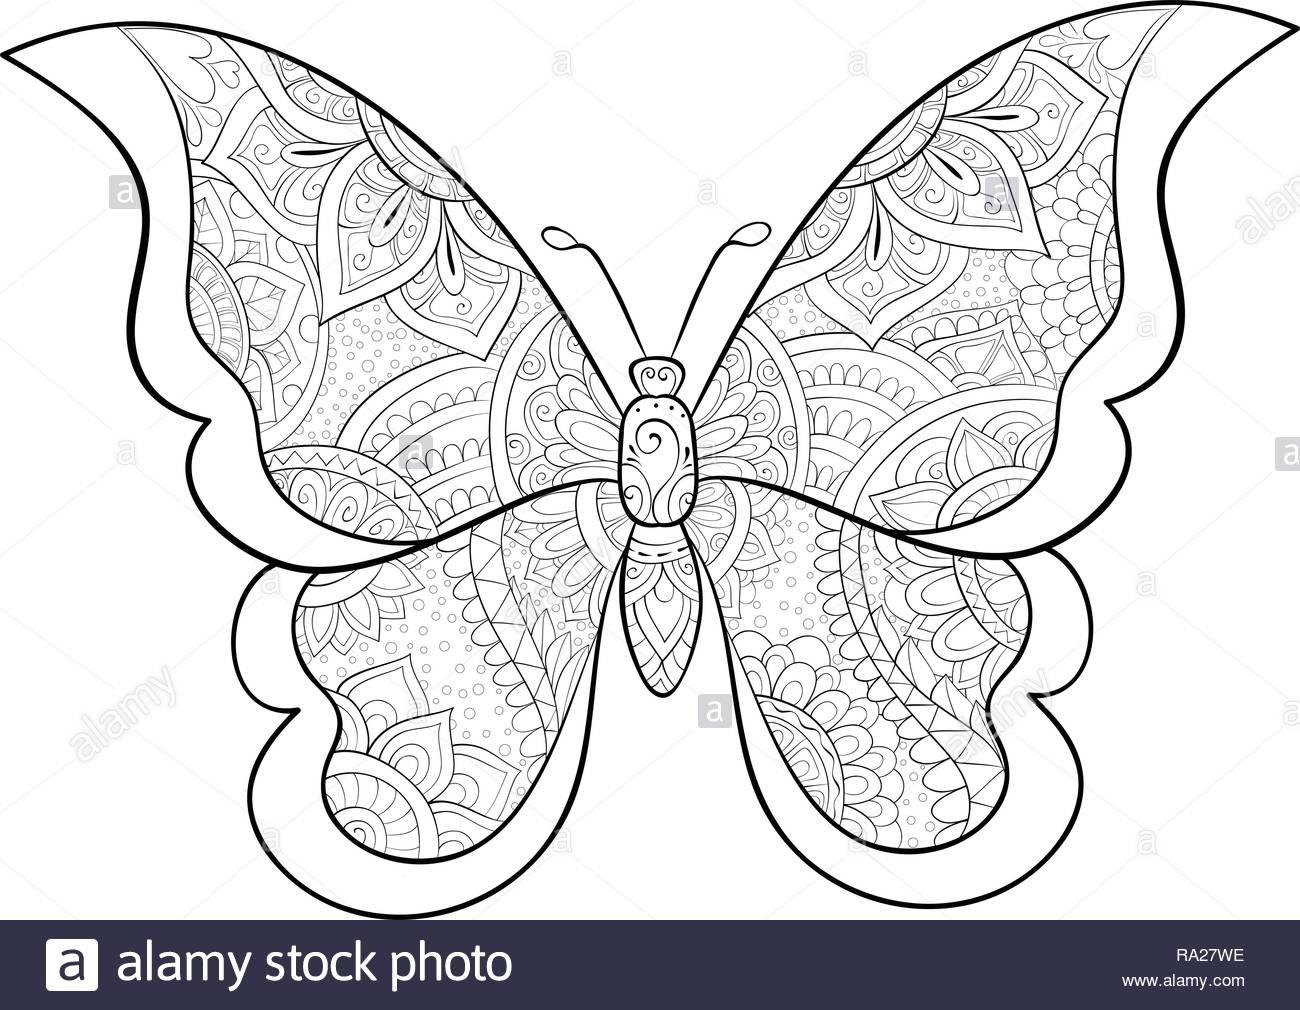 Una Linda Mariposa Con Ornamentos Imagen Para Actividad Relajanteun